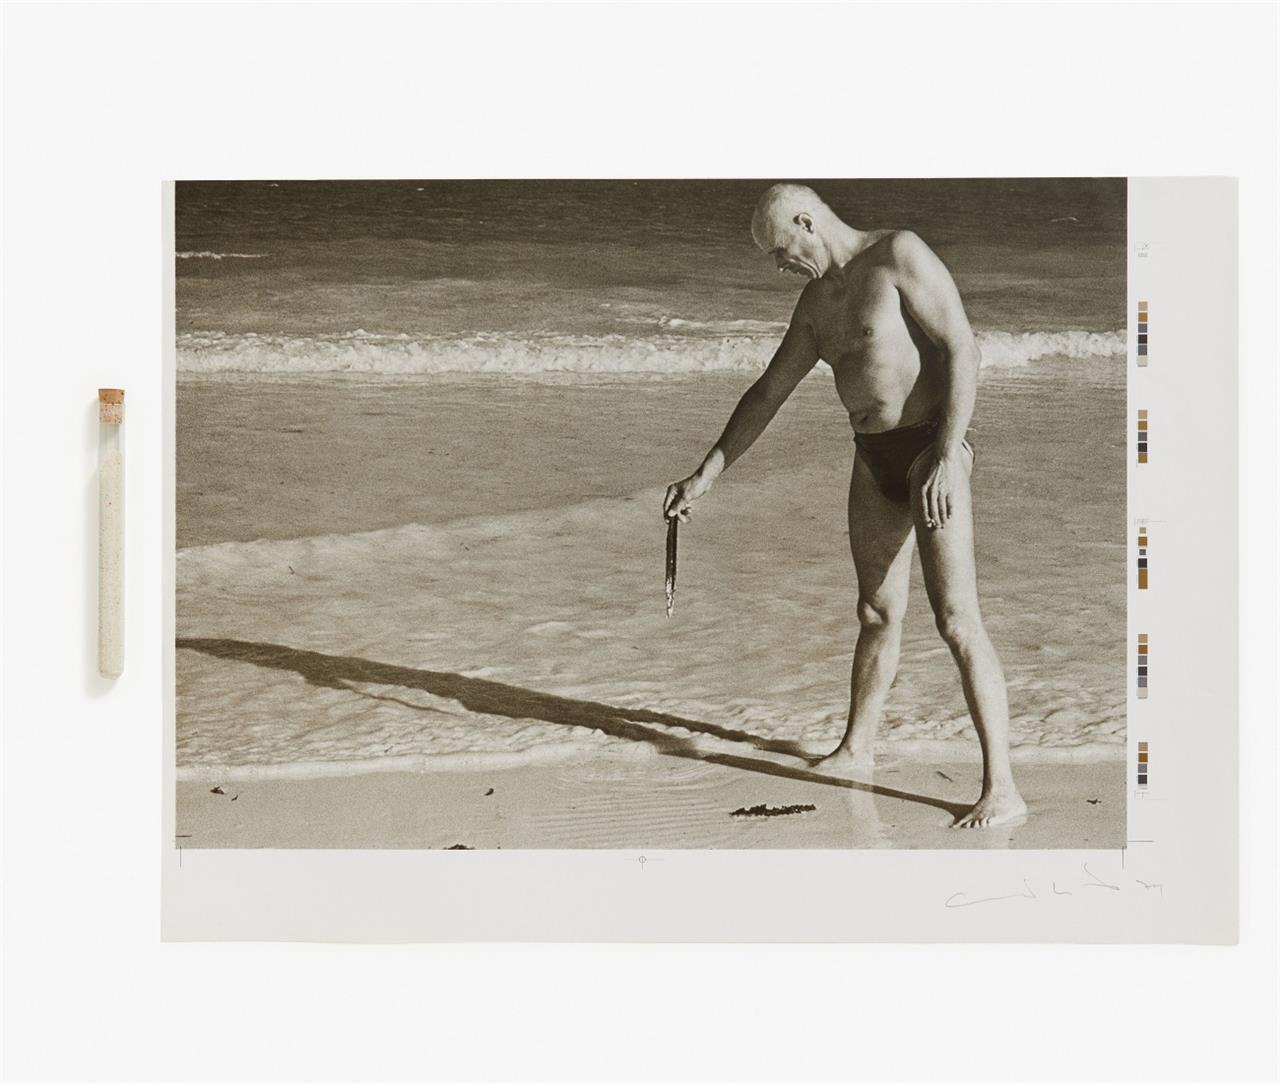 Joseph Beuys & Charles Wilp. Sandzeichnungen. 1978. Mappe mit 12 (von 18) sign. Offsetdrucken, 1 Reagenzglas mit Korallensand in Karton (ohne Deckel) und 4 Textbl. Ex. 81/250.